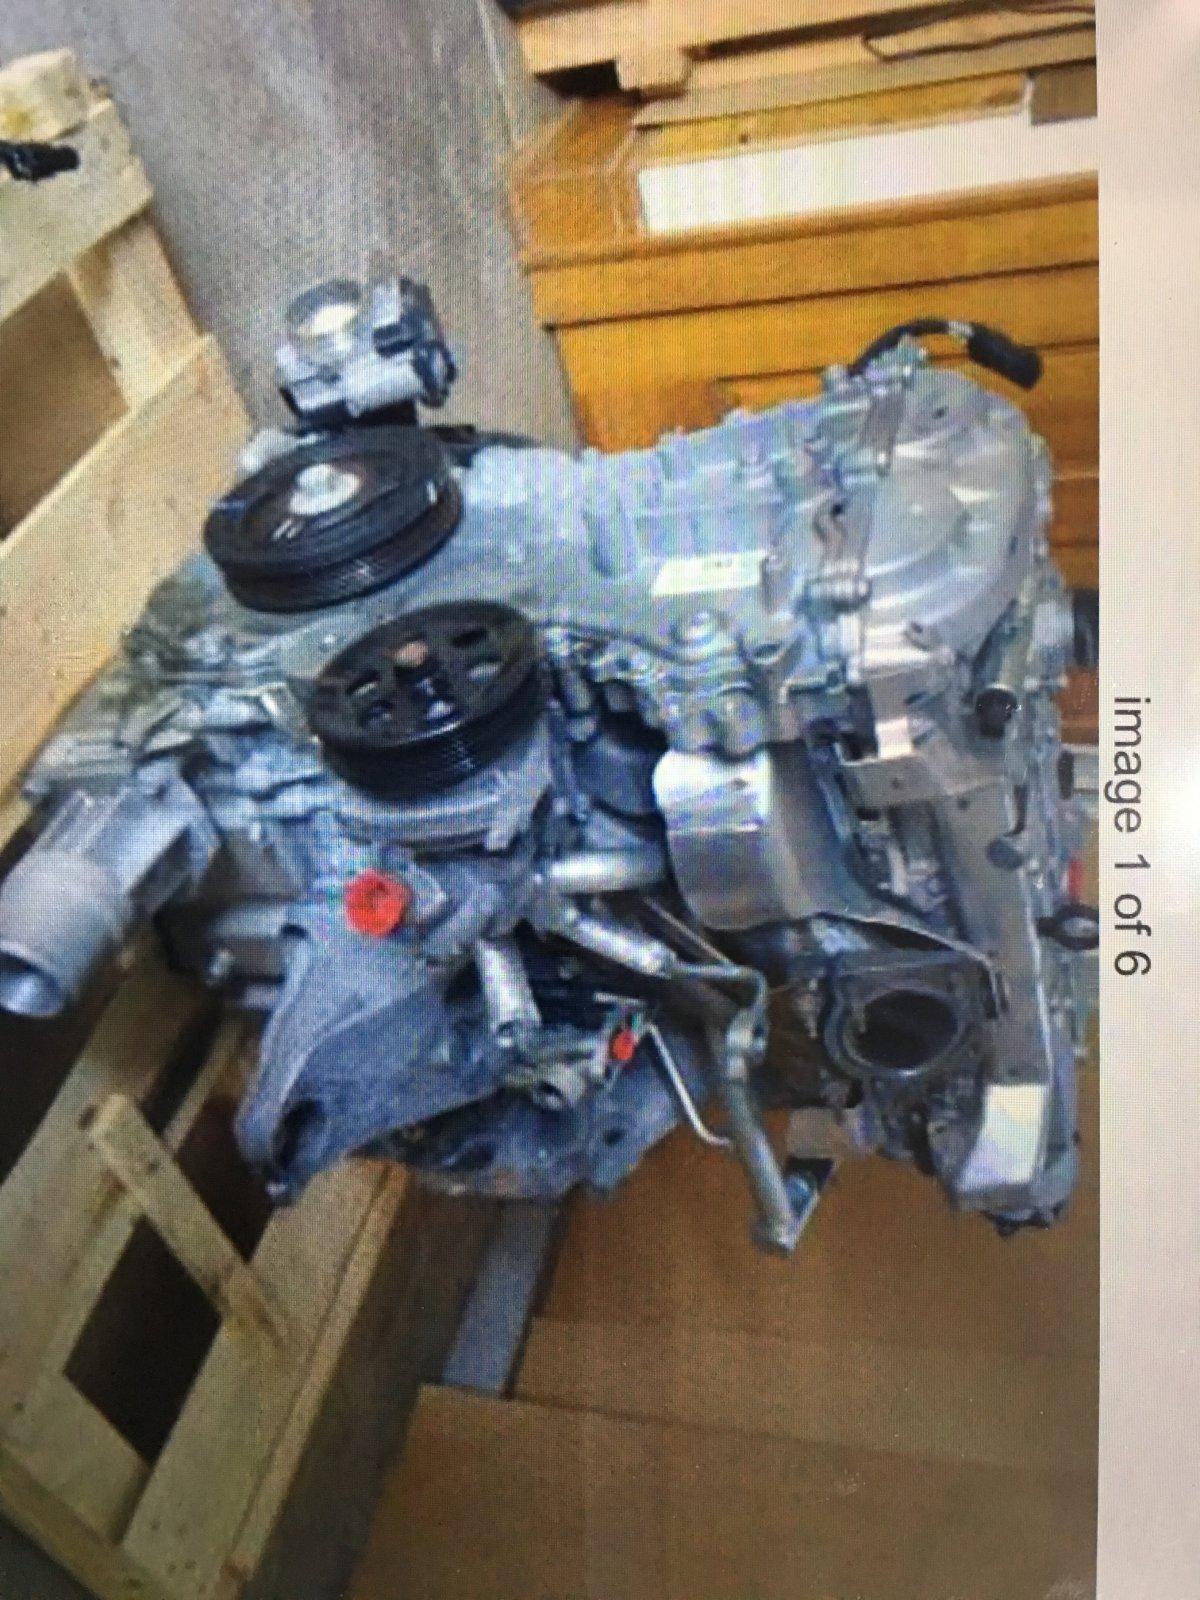 386320A2-8BF3-4E44-910A-B0412BE5DA9F.jpeg